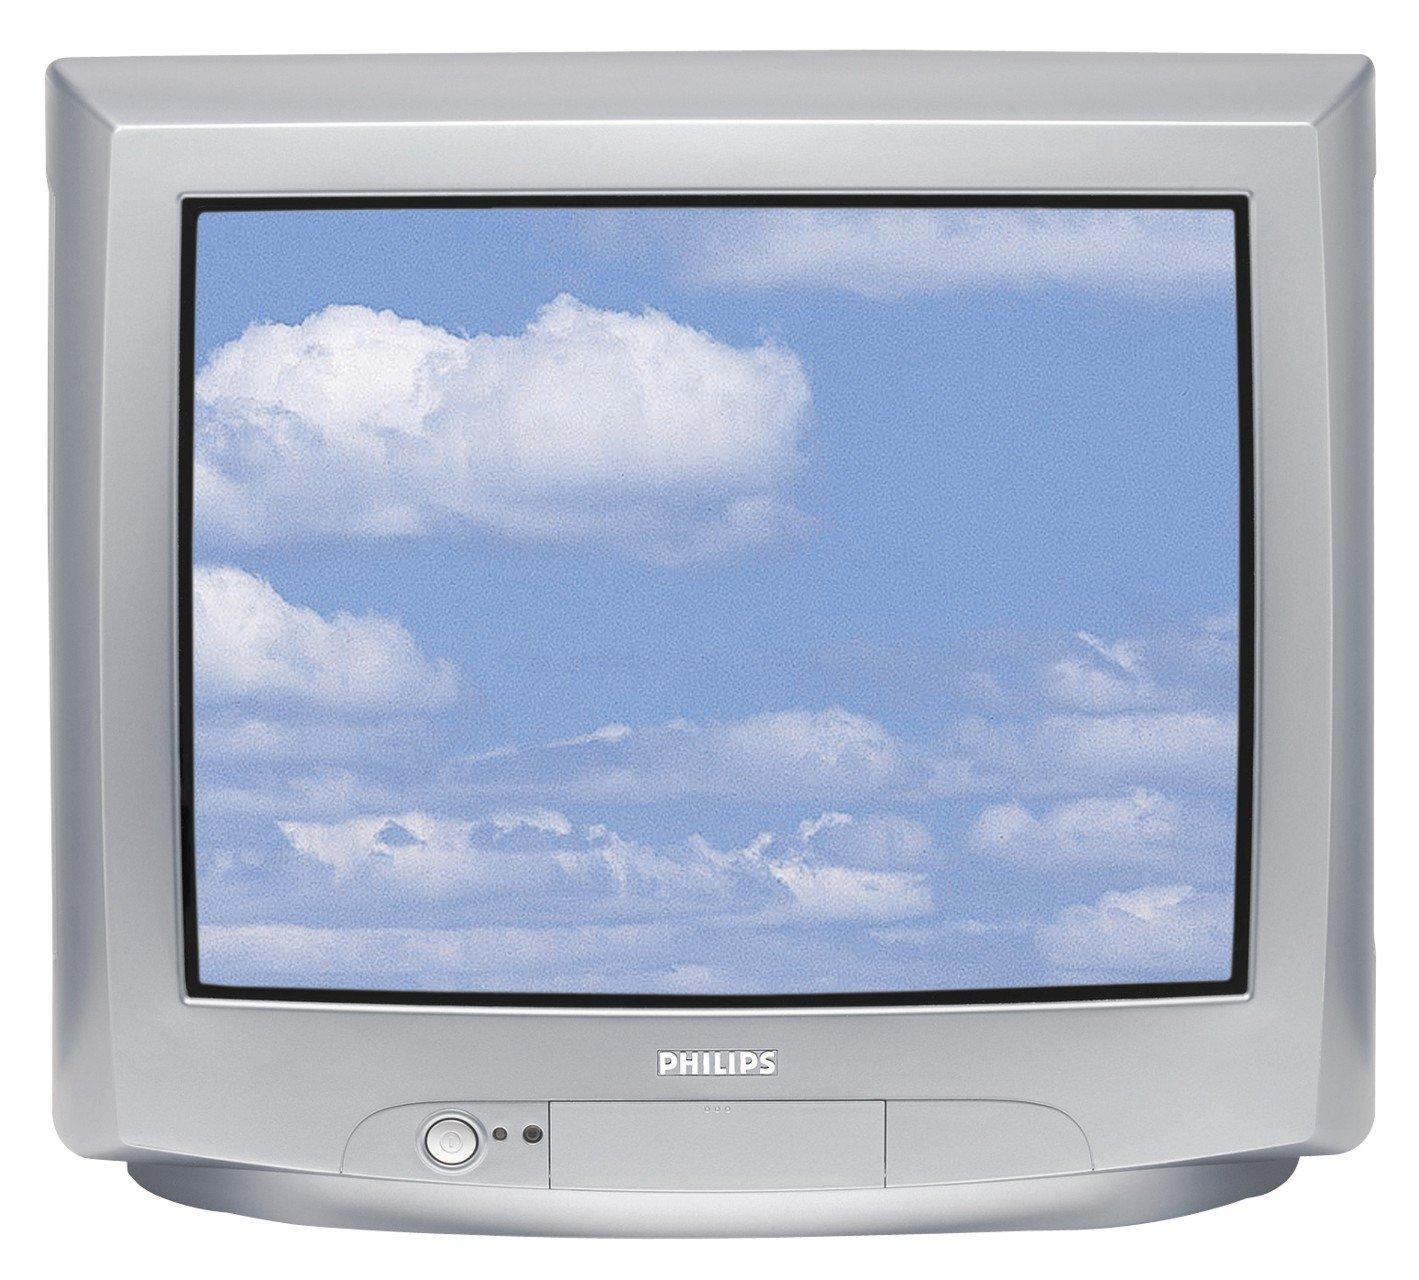 Philips 21 PT 1666 53,3 cm (21 Pulgadas) 4: 3 televisor Plata: Amazon.es: Electrónica